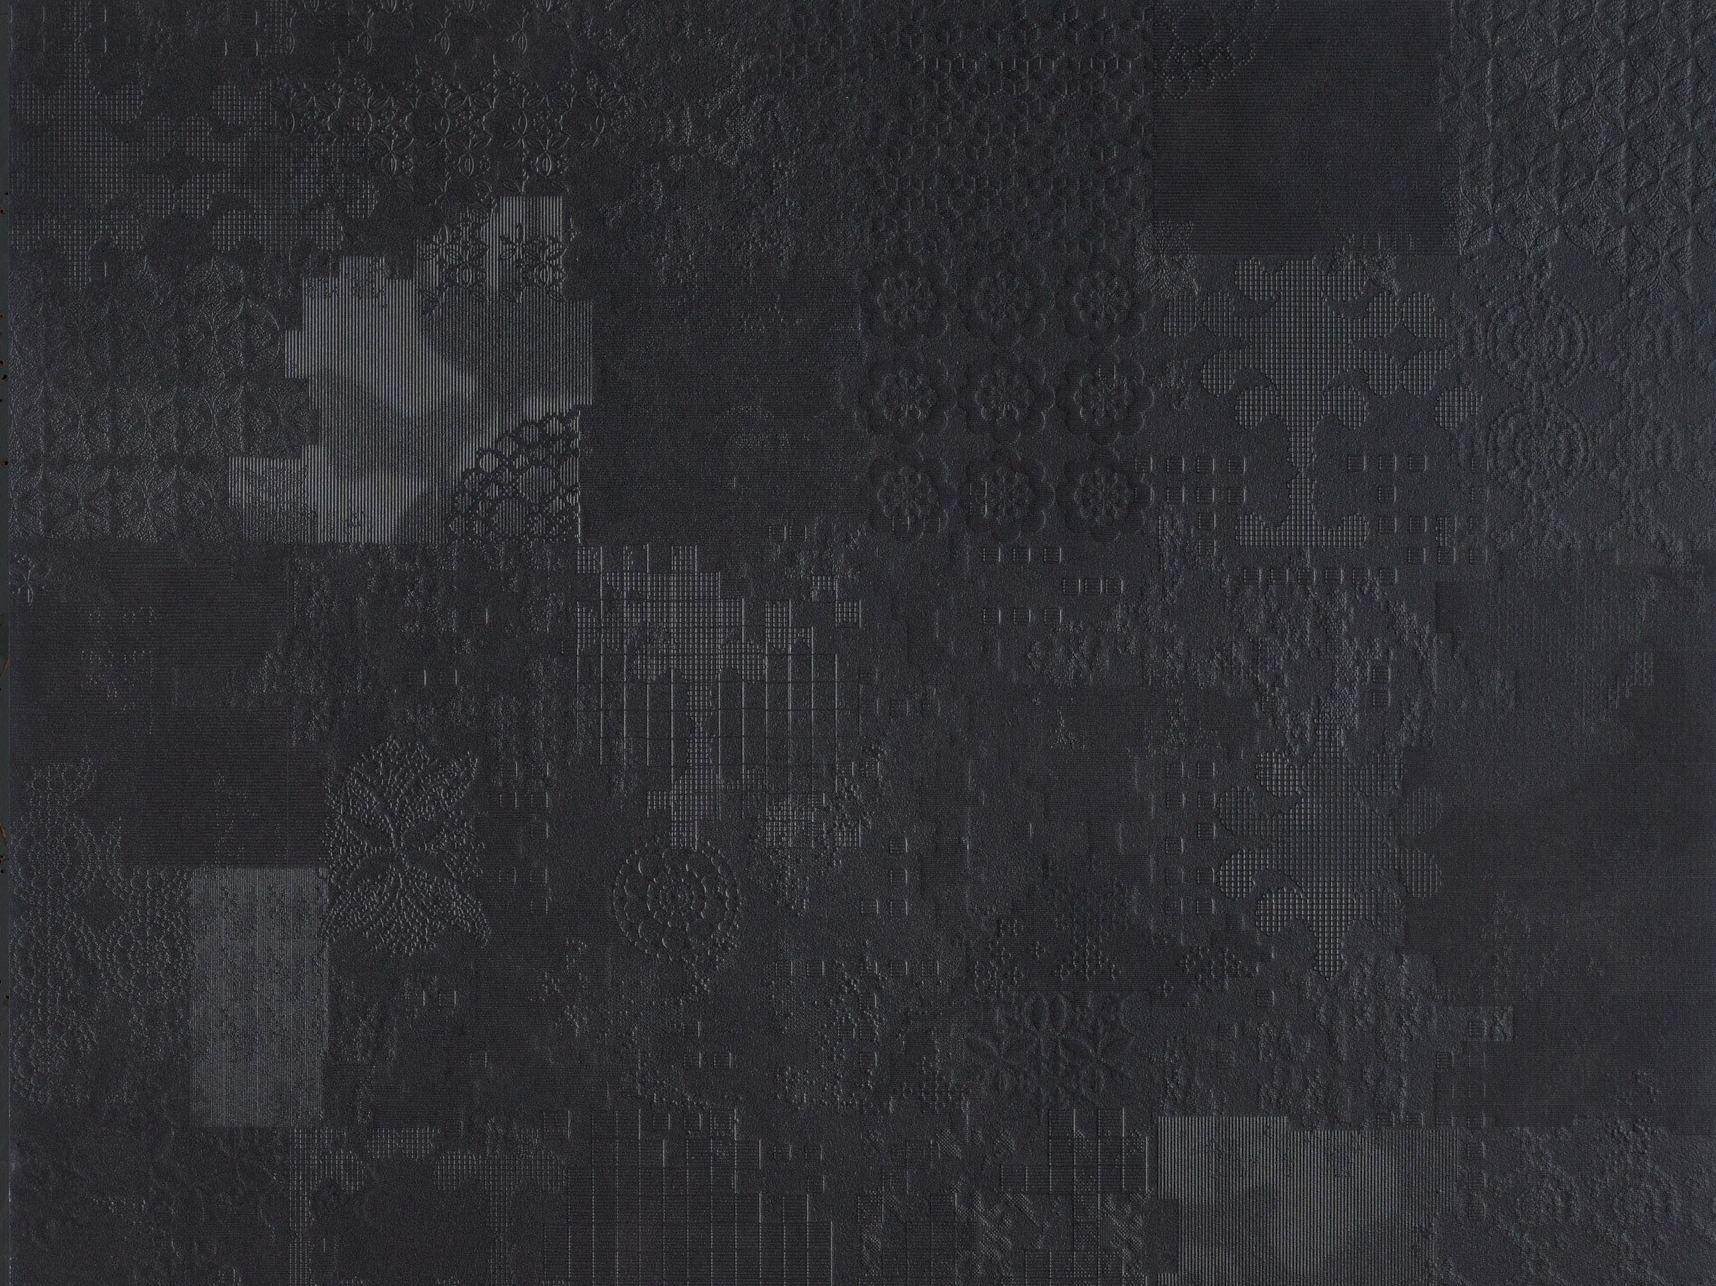 rev tement de sol mur en gr s c rame pour int rieur. Black Bedroom Furniture Sets. Home Design Ideas